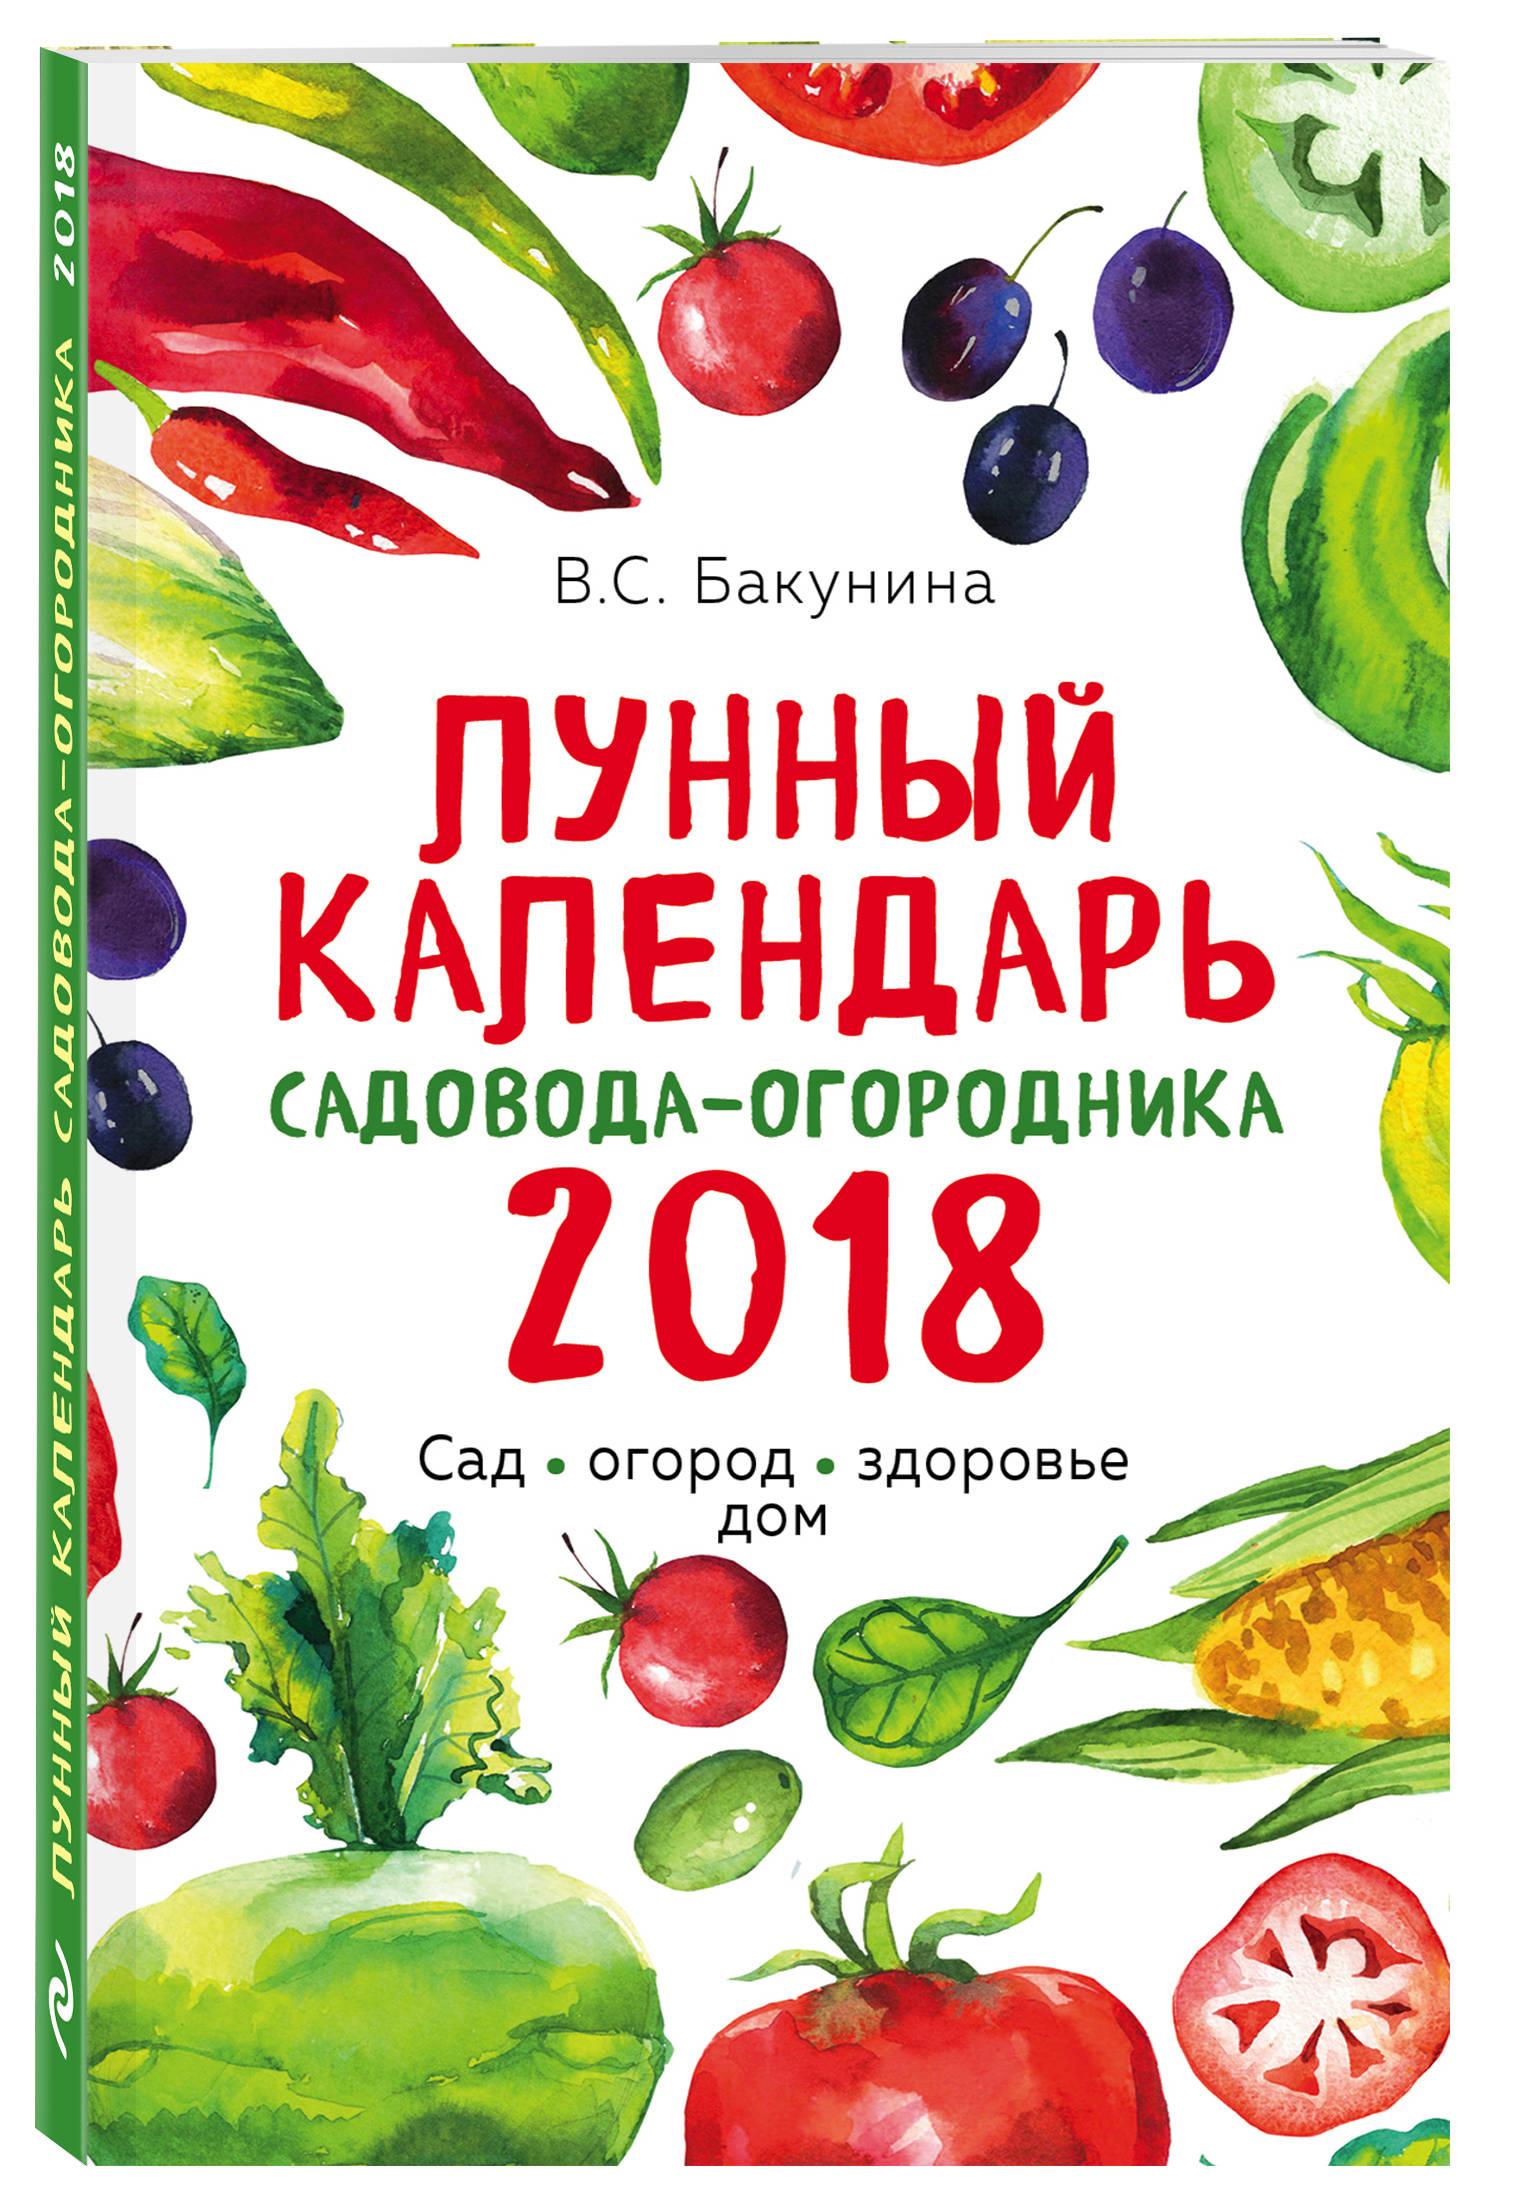 Бакунина В.С. Лунный календарь садовода-огородника 2018. Сад, огород, здоровье, дом